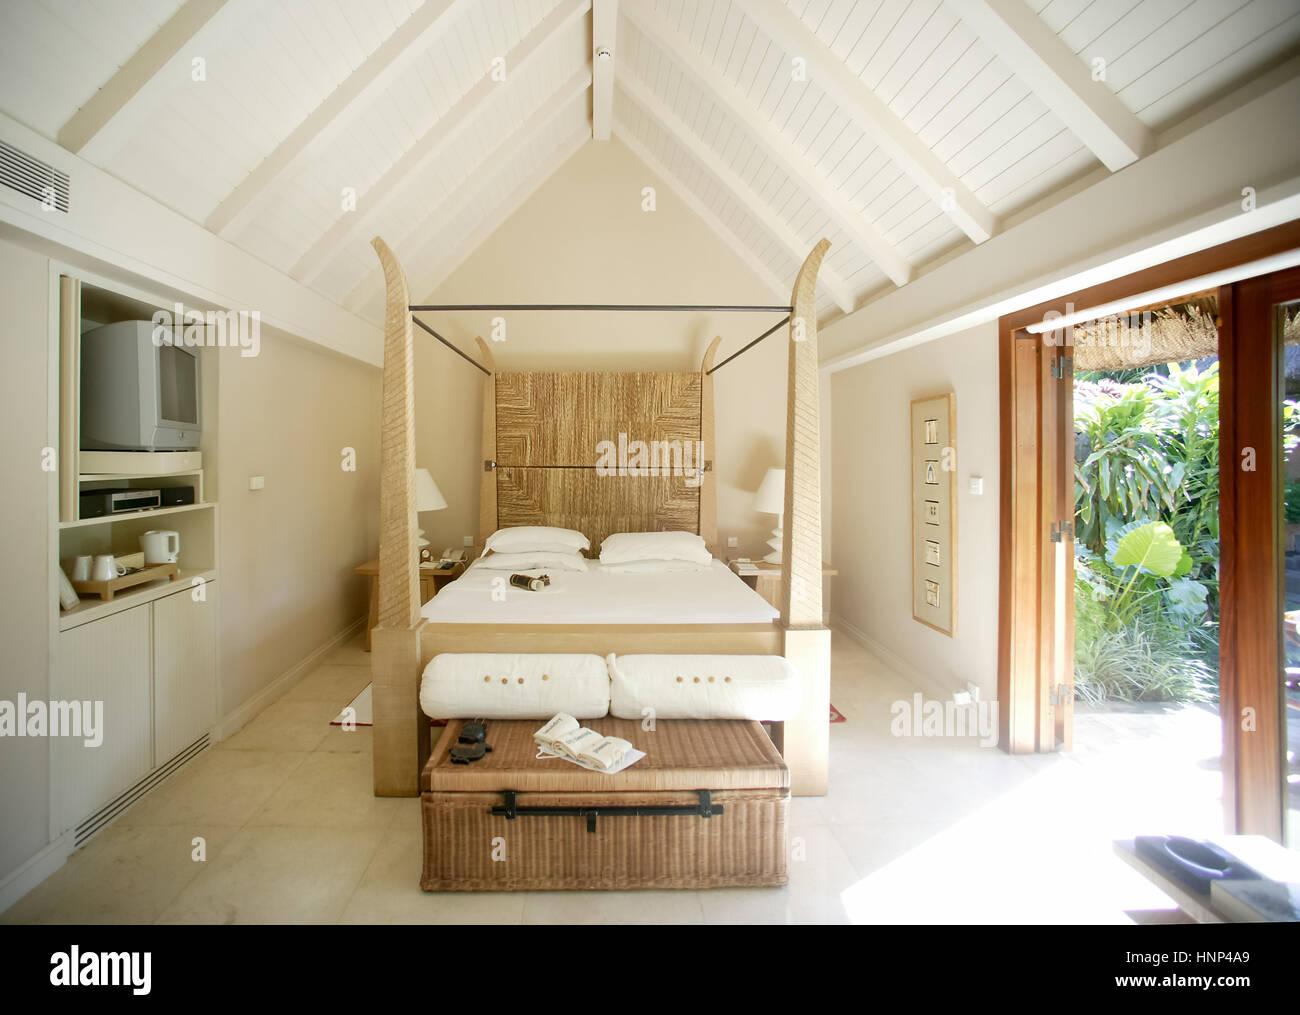 Luxus himmelbetten  Oberoi Luxus Hotel, Luxus-Bungalow mit Pool, Himmelbett, MUS ...